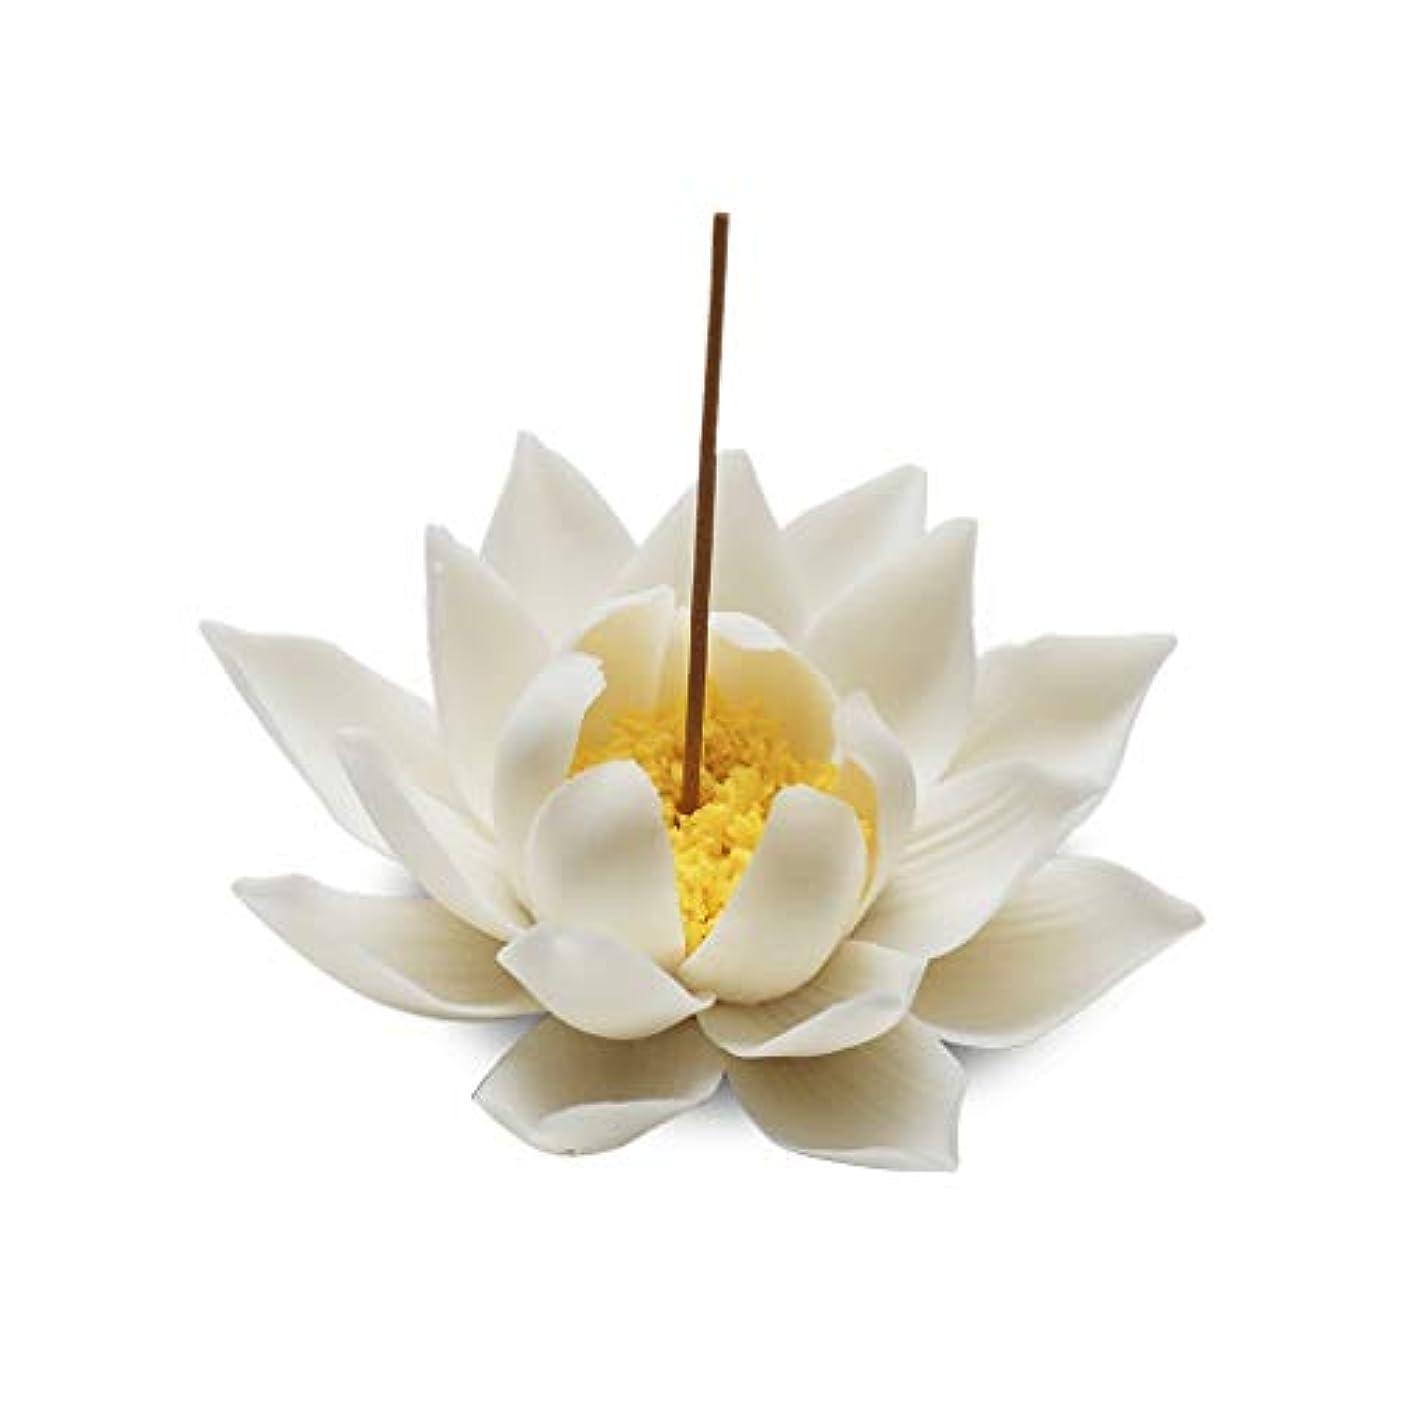 怒っているダイアクリティカルファーム芳香器?アロマバーナー セラミック蓮香バーナー家の装飾香スティックホルダー仏教アロマセラピーホームリビングルームの茶屋 芳香器?アロマバーナー (Color : A)